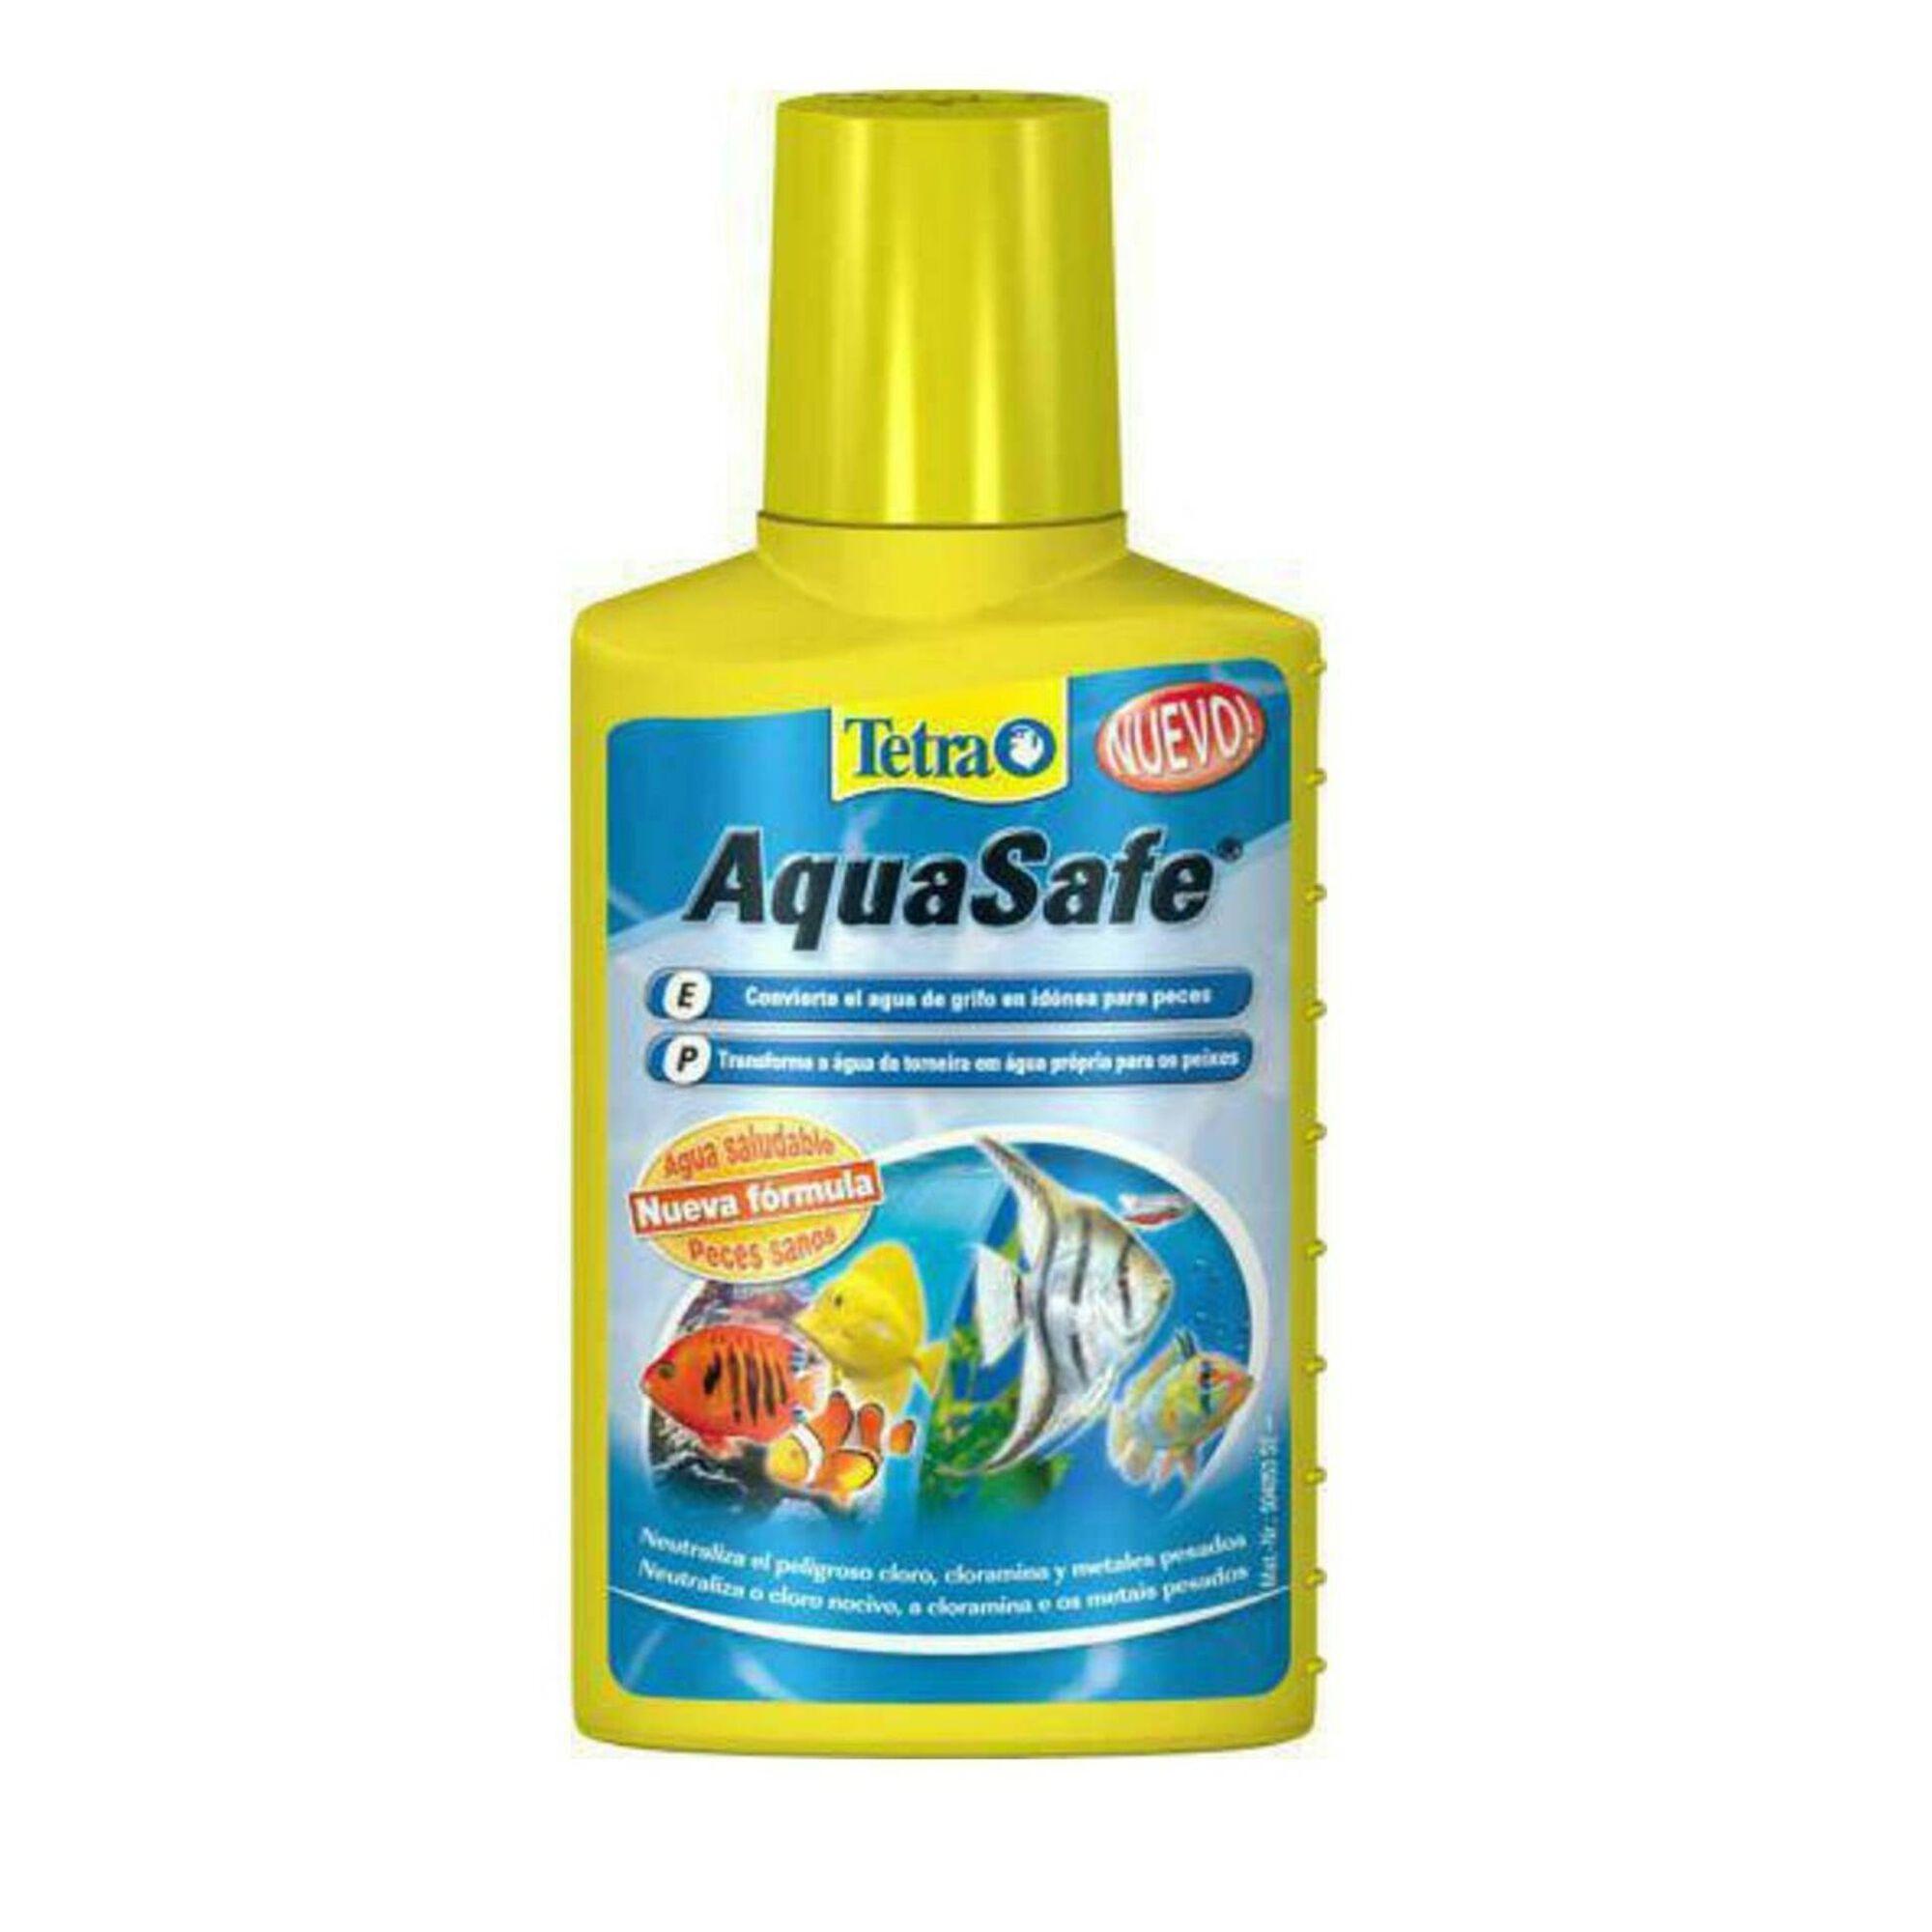 Acondicionador Aquasafe